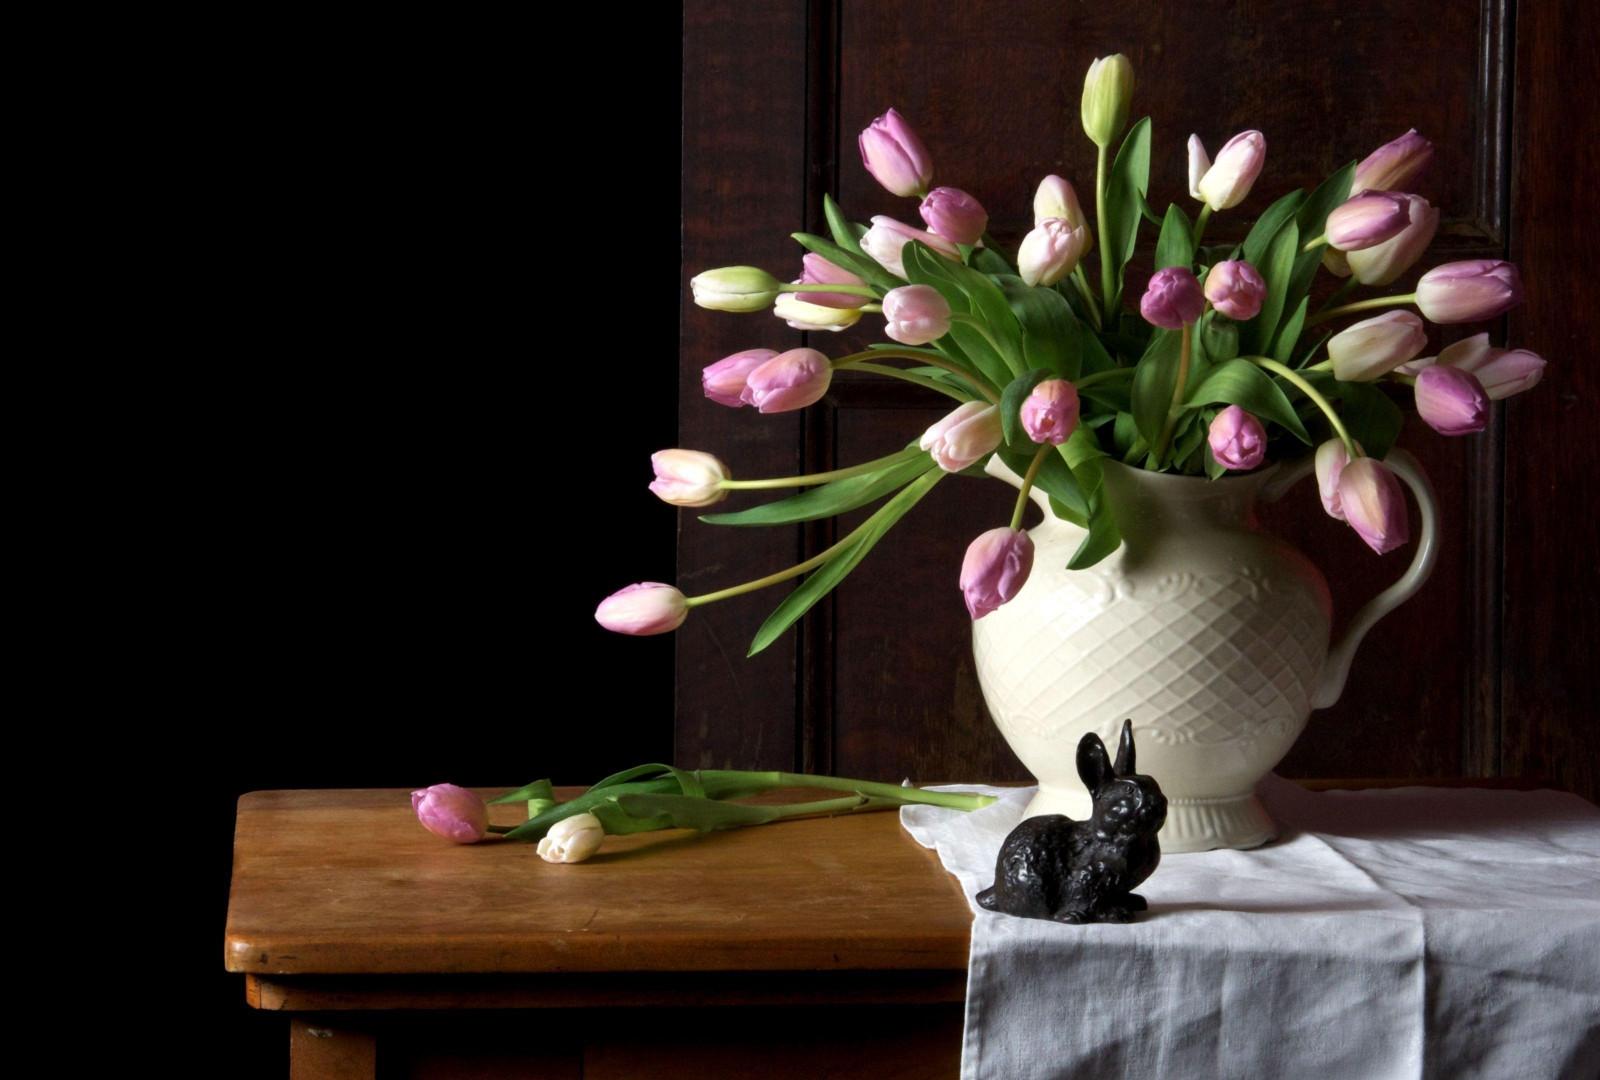 Поздравлением день, картинки красивые тюльпаны в вазе